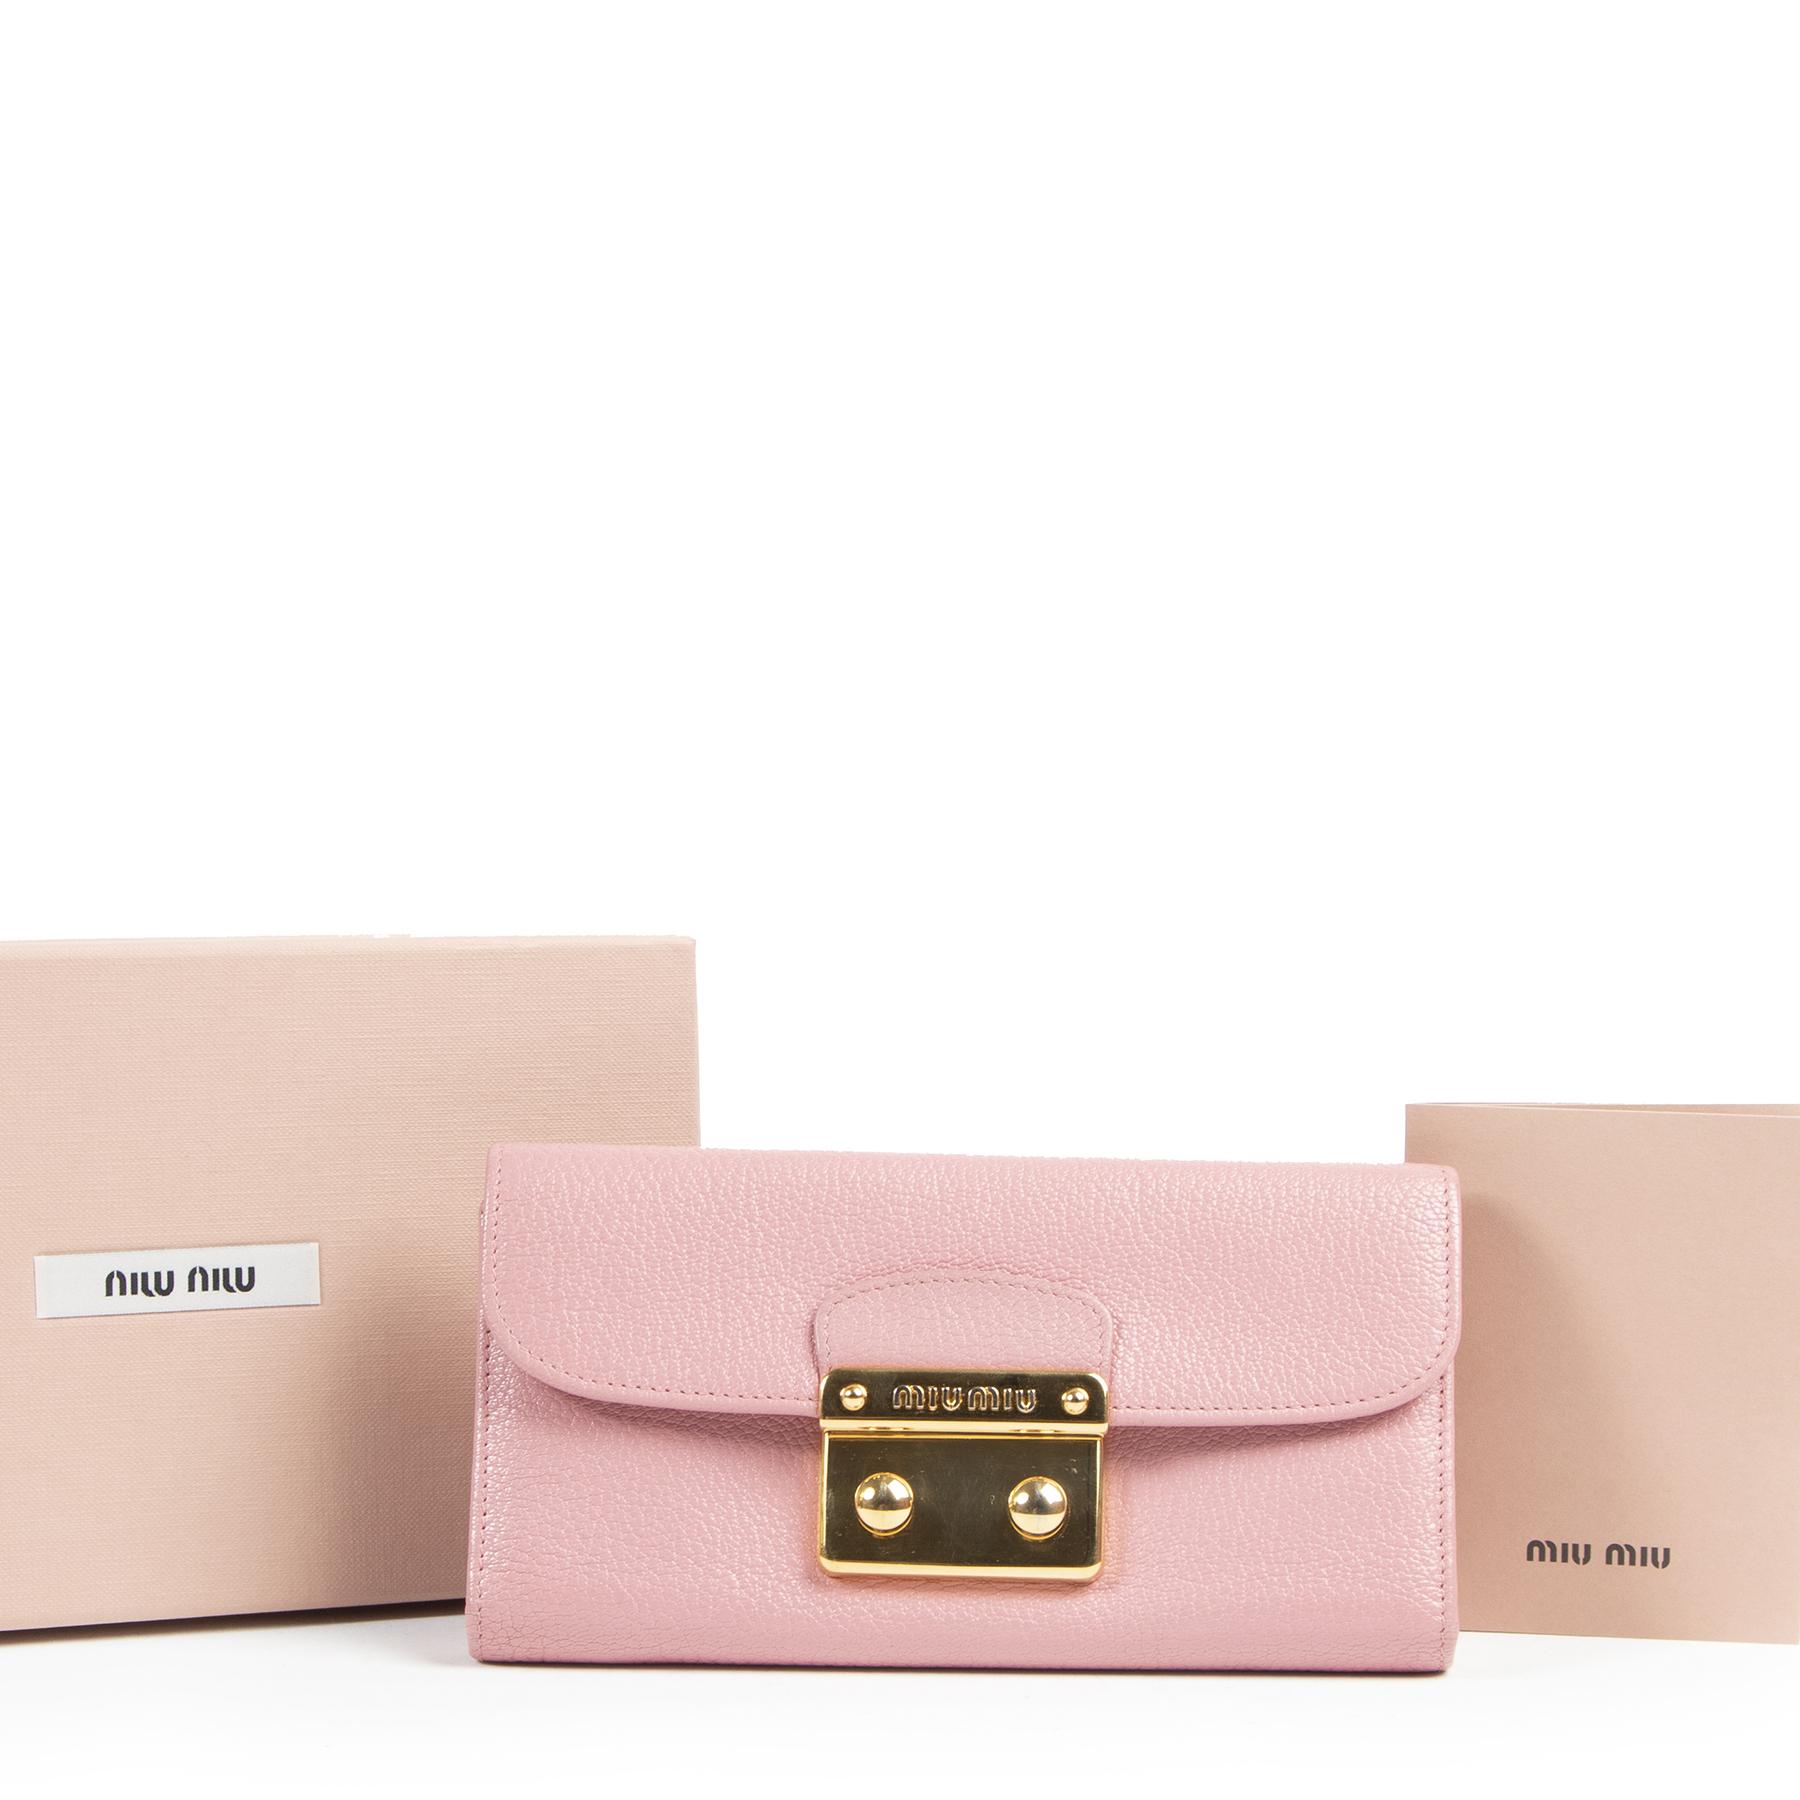 Authentieke tweedehands Miu Miu juiste prijs veilig online winkelen LabelLOV webshop luxemerken winkelen Antwerpen België mode fashion